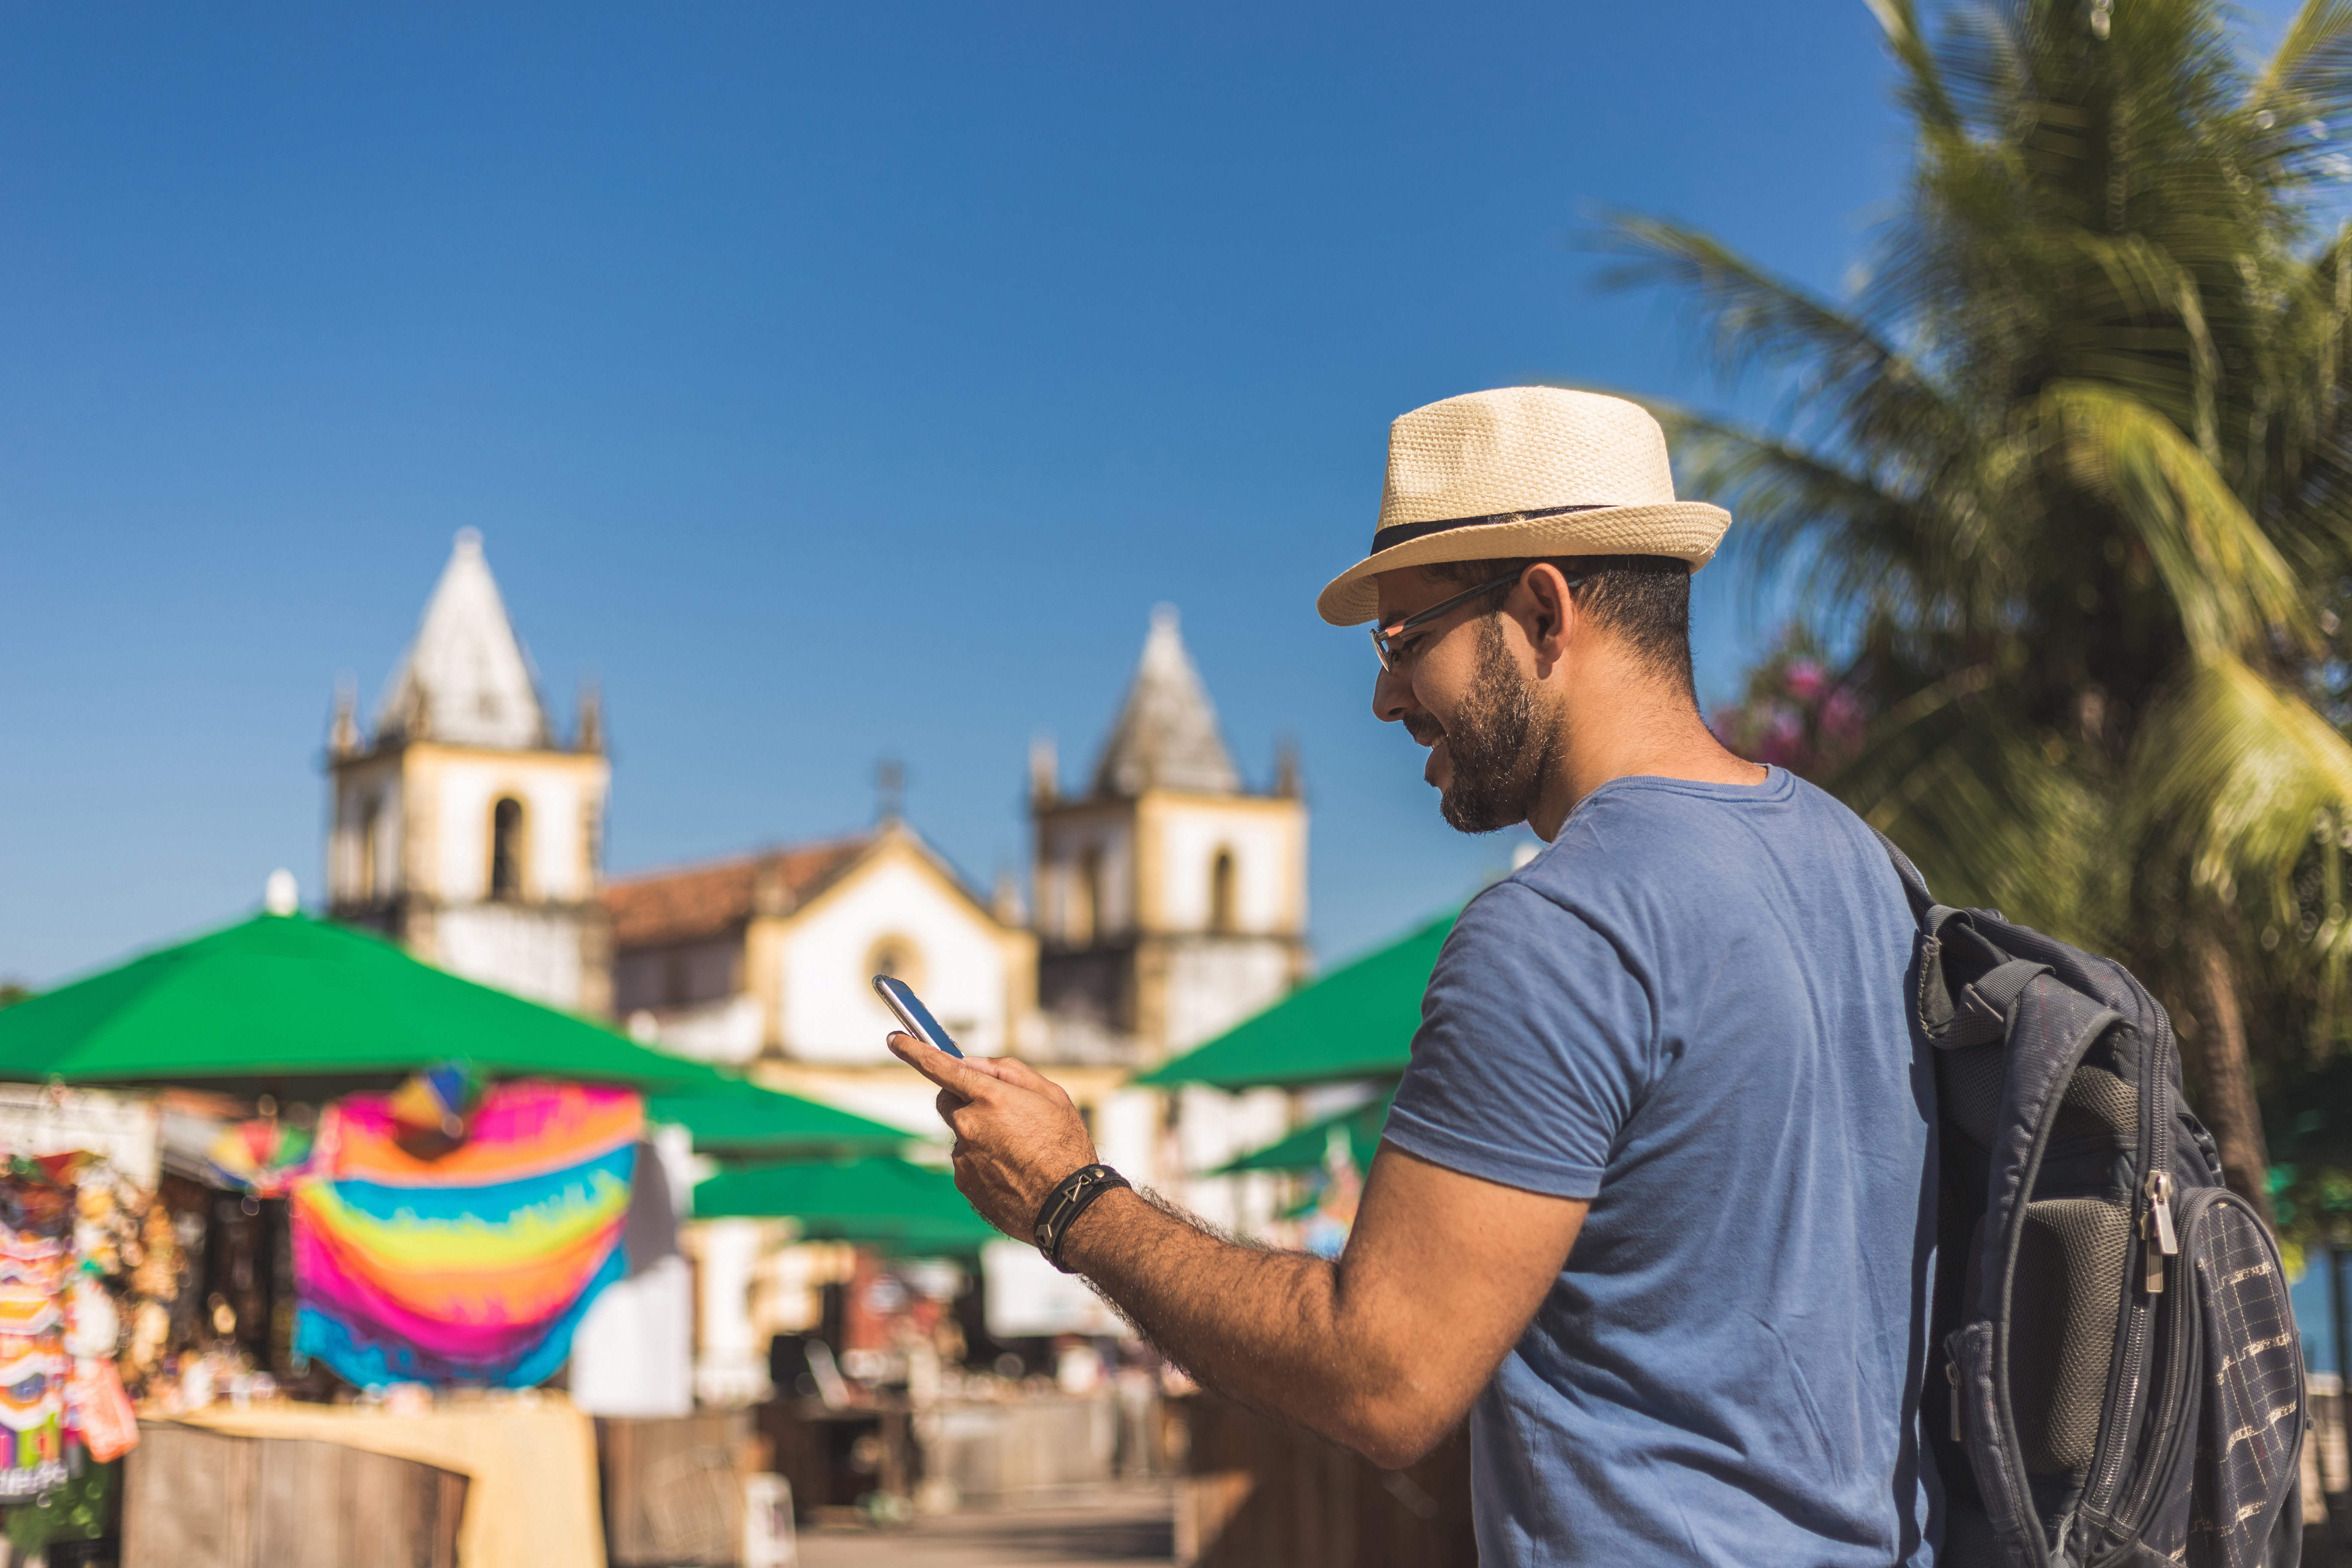 <p>14. Бразилия<br /> Ако не искате да се разхождате с раницата си, докато сте в Бразилия, можете да намерите най-близкото шкафче на автогарата, за да я приберете на сигурно през деня. Просто облечете банския си и отидете на плаж, свободни като птица.</p>